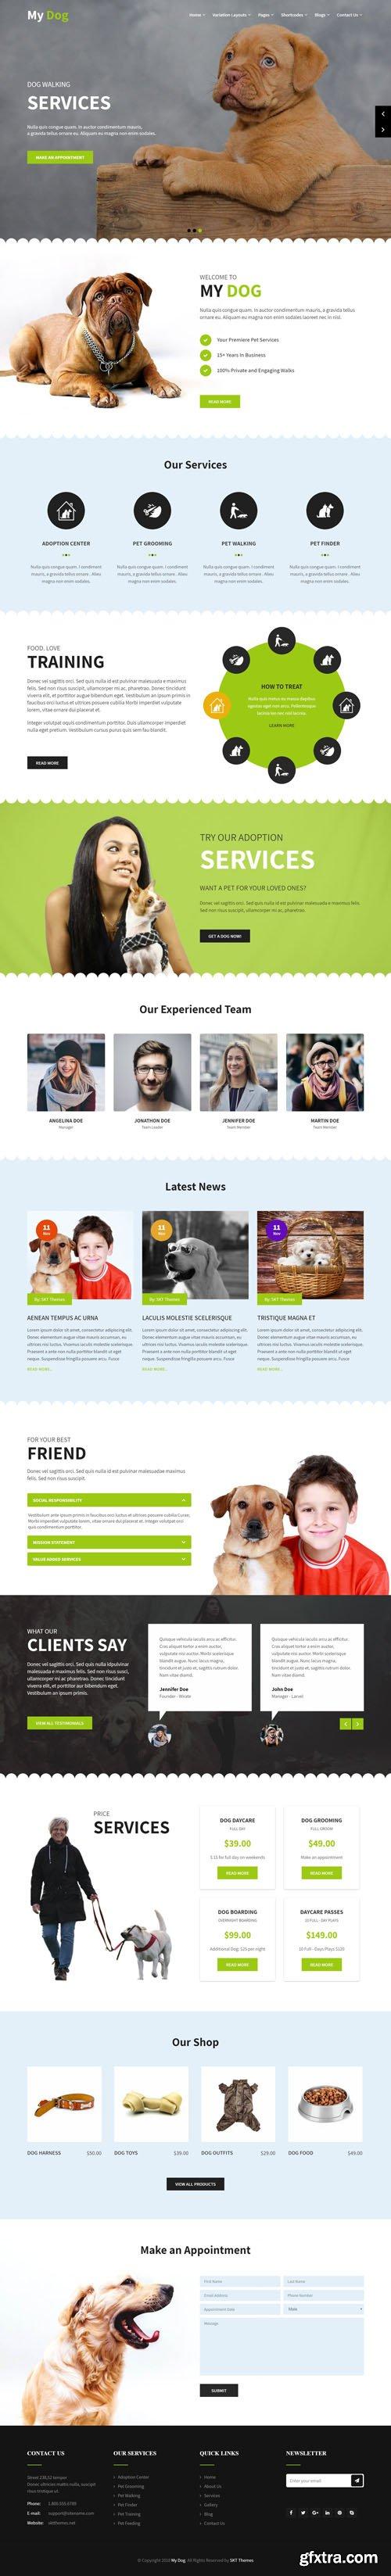 SKT Themes - My Dog v1.1 - WordPress Theme